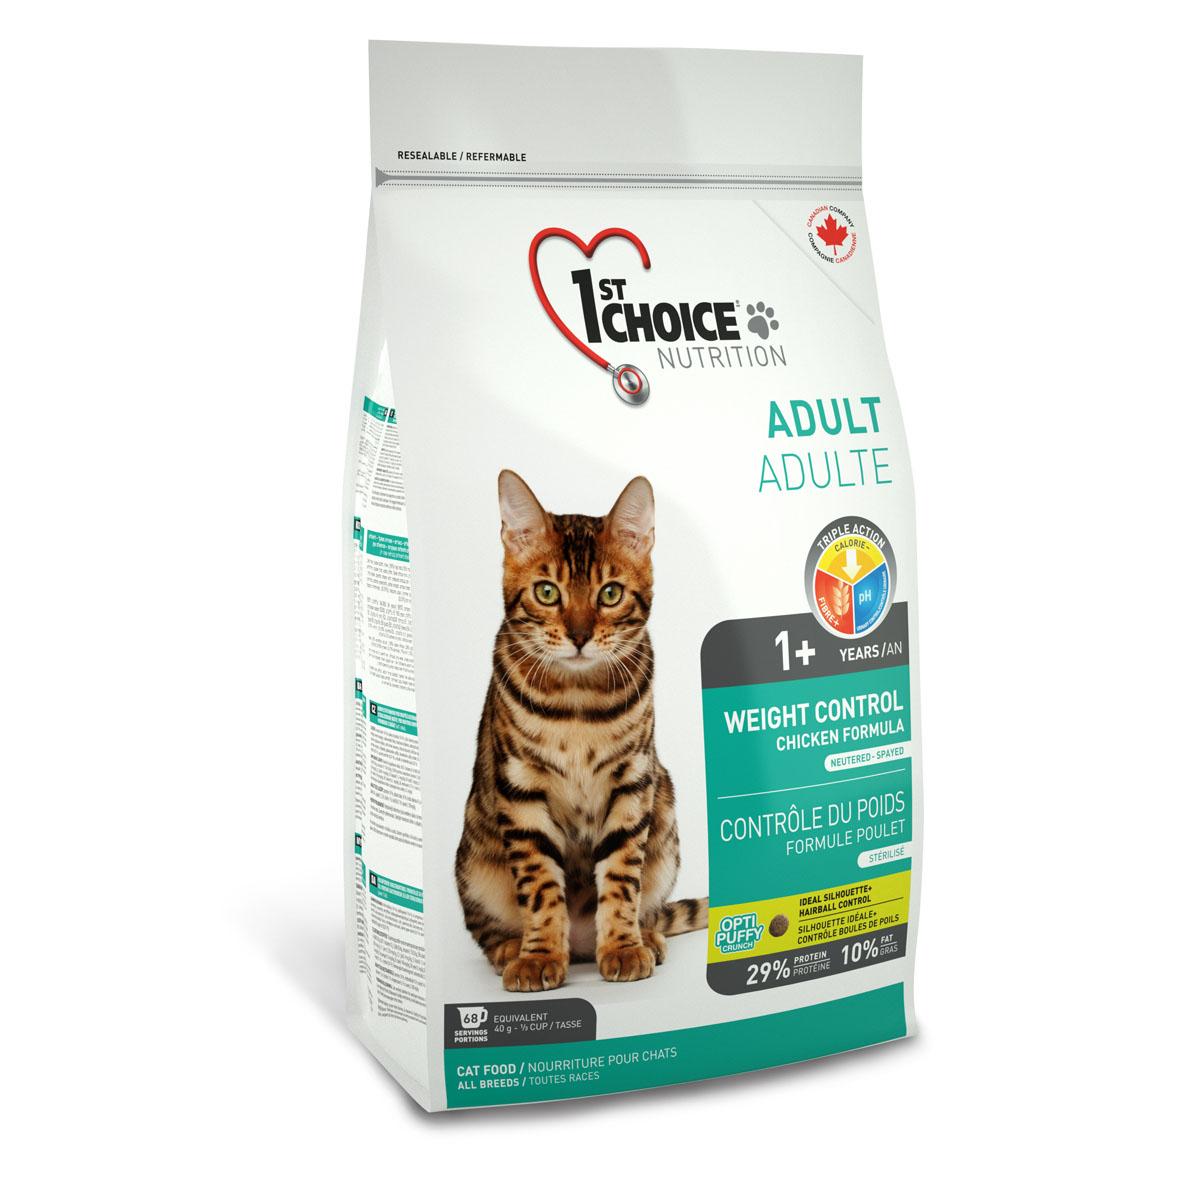 Корм сухой 1st Choice для кастрированных котов и стерилизованных кошек, с курицей, 5,44 кг57324Сухой корм 1st Choice с курицей разработан специально для стерилизованных и кастрированных животных, а также склонных к полноте. Низкокалорийный корм поддерживает идеальную форму. У кастрированных и стерилизованных кошек более низкий энергетический уровень обмена веществ и потребность в калориях. Низкое содержание жира в корме способствует снижению массы тела без сокращения нормы кормления. Снижение уровня активности кошки с возрастом может способствовать набору лишнего веса, эта формула удобна во всех случаях, когда необходимо ограничить количество калорий в рационе. рН - контроль помогает снизить риск образования камней в мочевыделительной системе. Клетчатка обеспечивает ощущение сытости и улучшает пищеварение. Ингредиенты: свежая курица 16%, мука из мяса курицы 16%, рис, гороховый протеин, коричневый рис, специально обработанные ядра ячменя и овса, мякоть свеклы, клетчатка гороха, гидролизат куриной печени, куриный жир, сохраненный смесью натуральных...